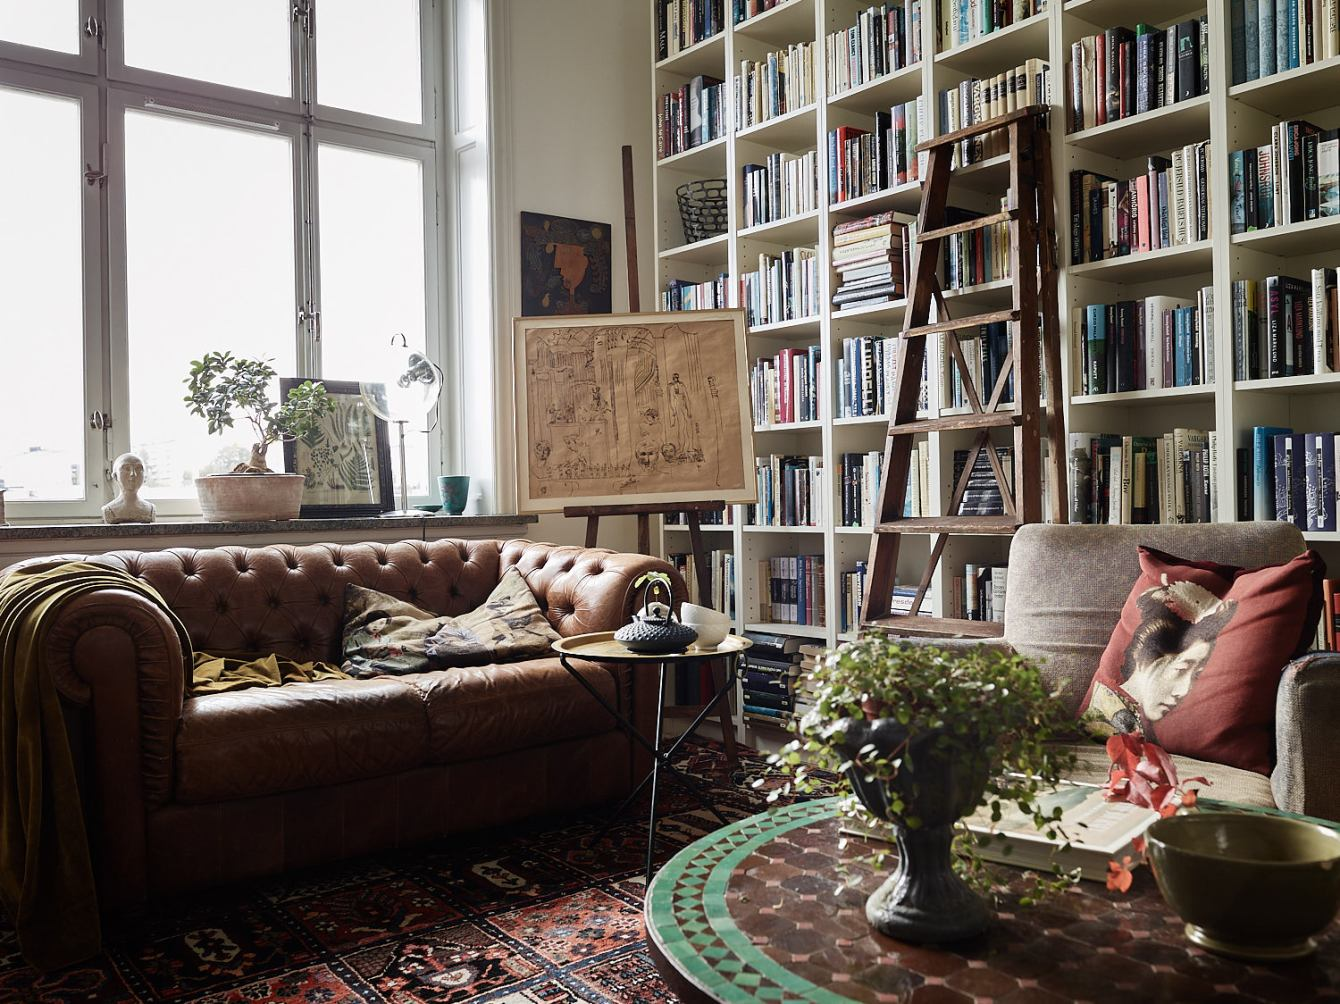 библиотека кожаный диван с утяжками книжный стеллаж мольберт лесенка окно